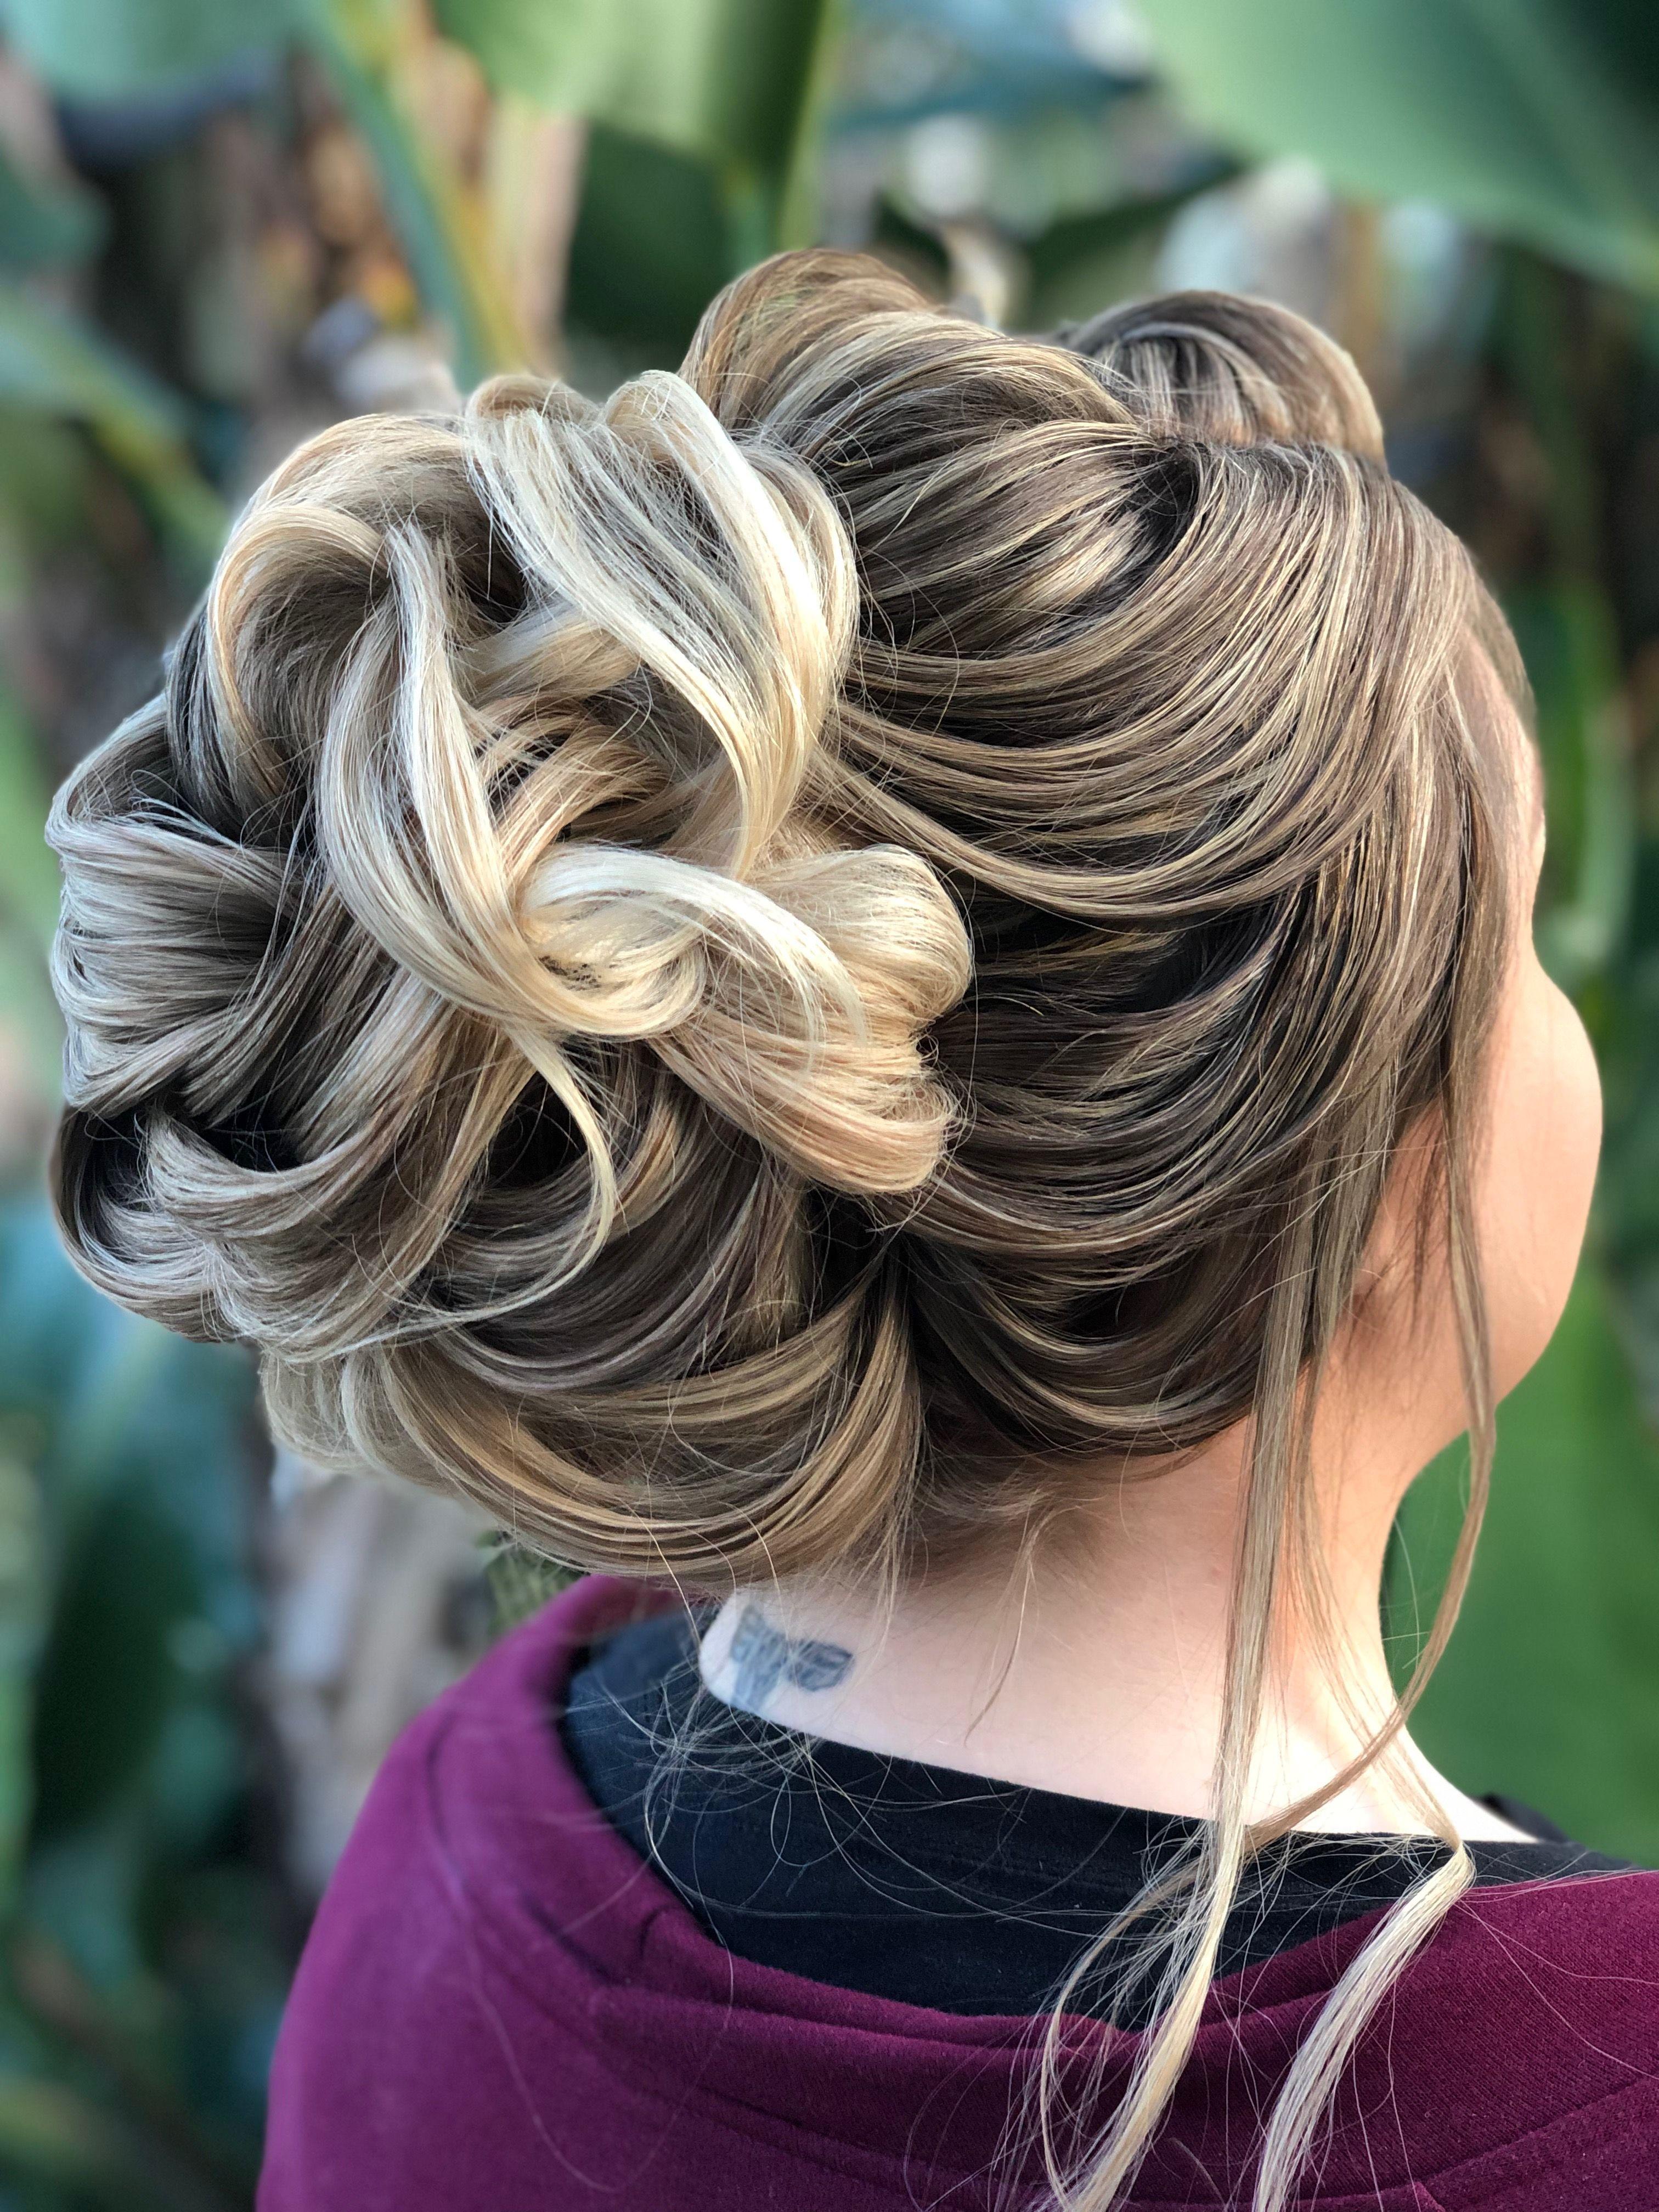 Bridal hairstyle by Las Vegas artist in 2020 Vegas hair